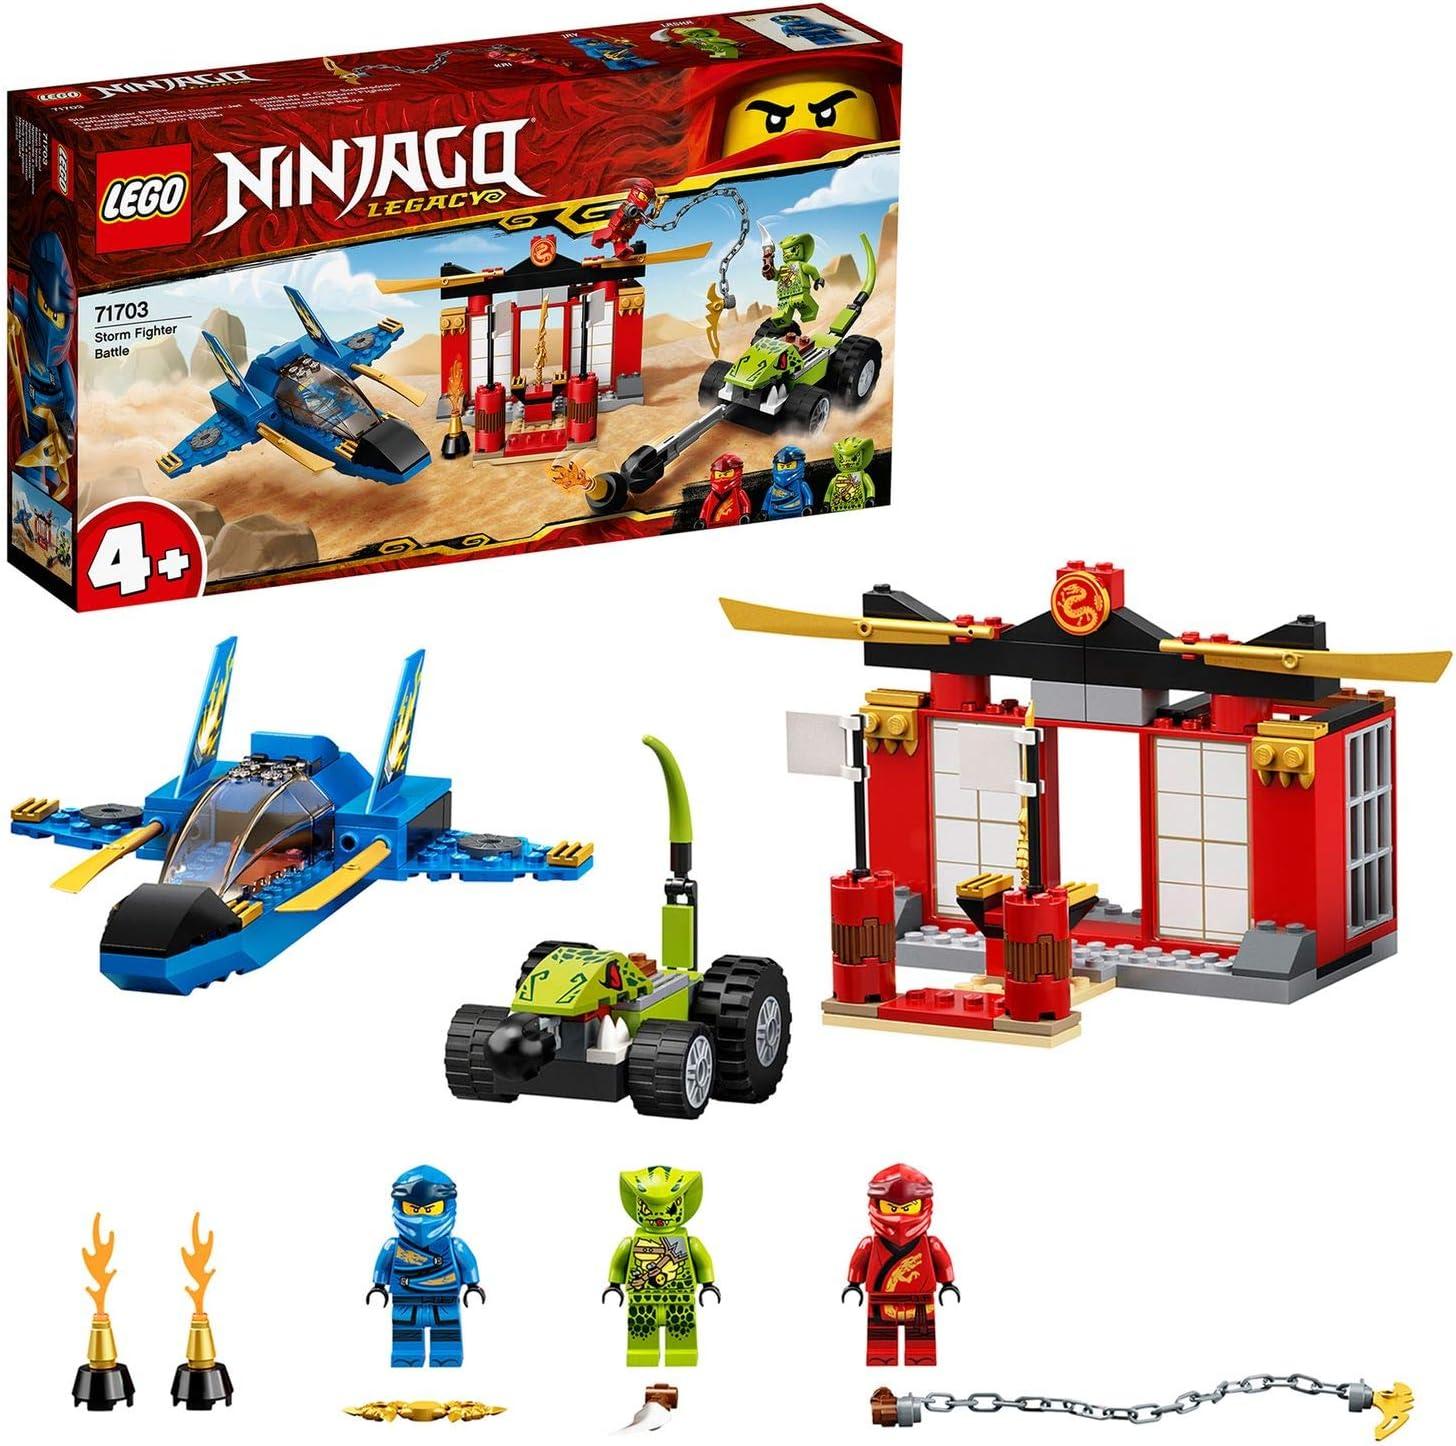 Ninjago Legacy4+Batalla en el Caza SupersónicoSetJet,MastersofSpinjitzuJuguete para Niños, multicolor (Lego ES 71703)